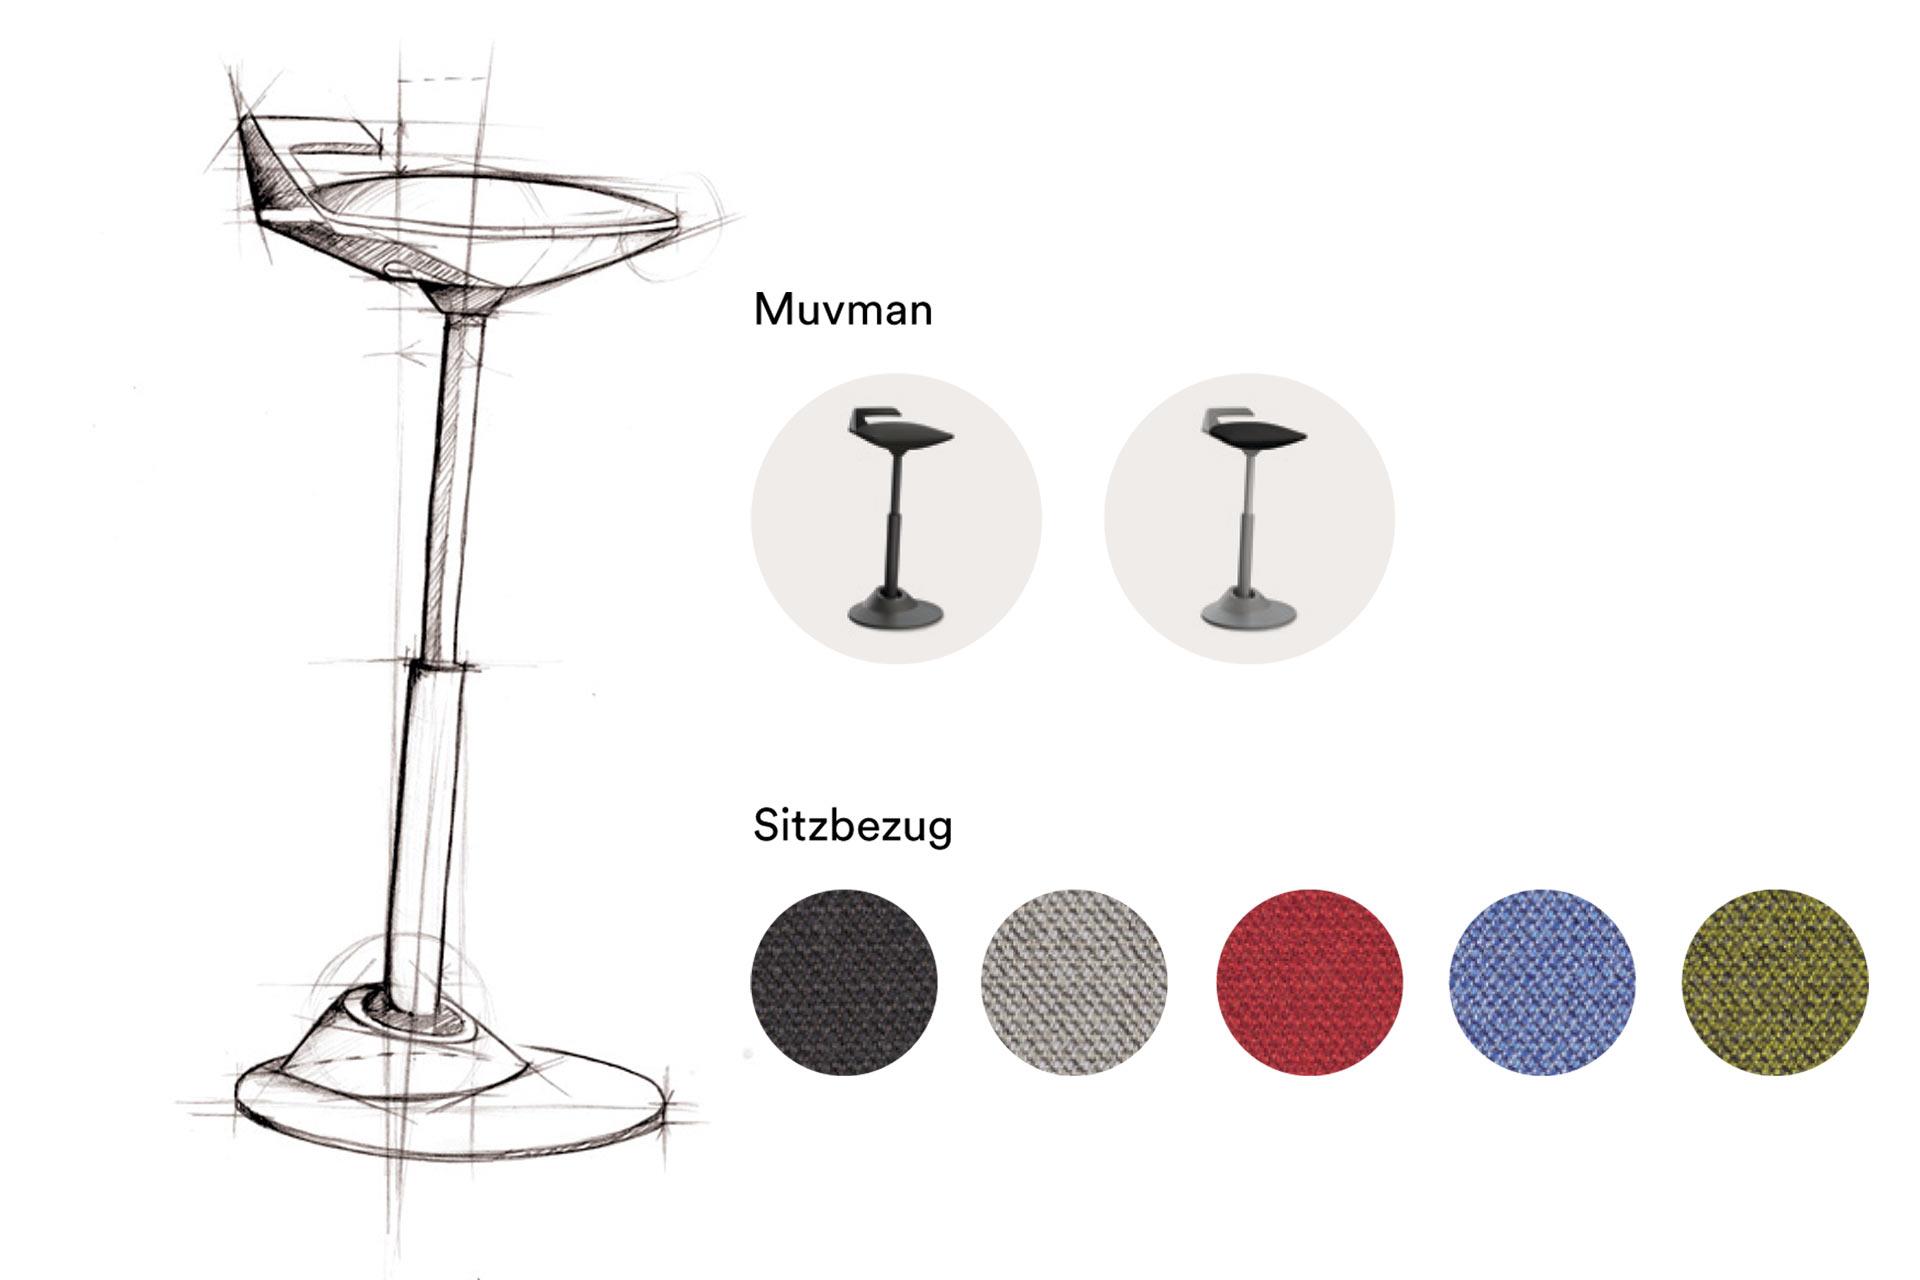 aeris Aktiv-Stehsitz muvman. Skizze und Versionen